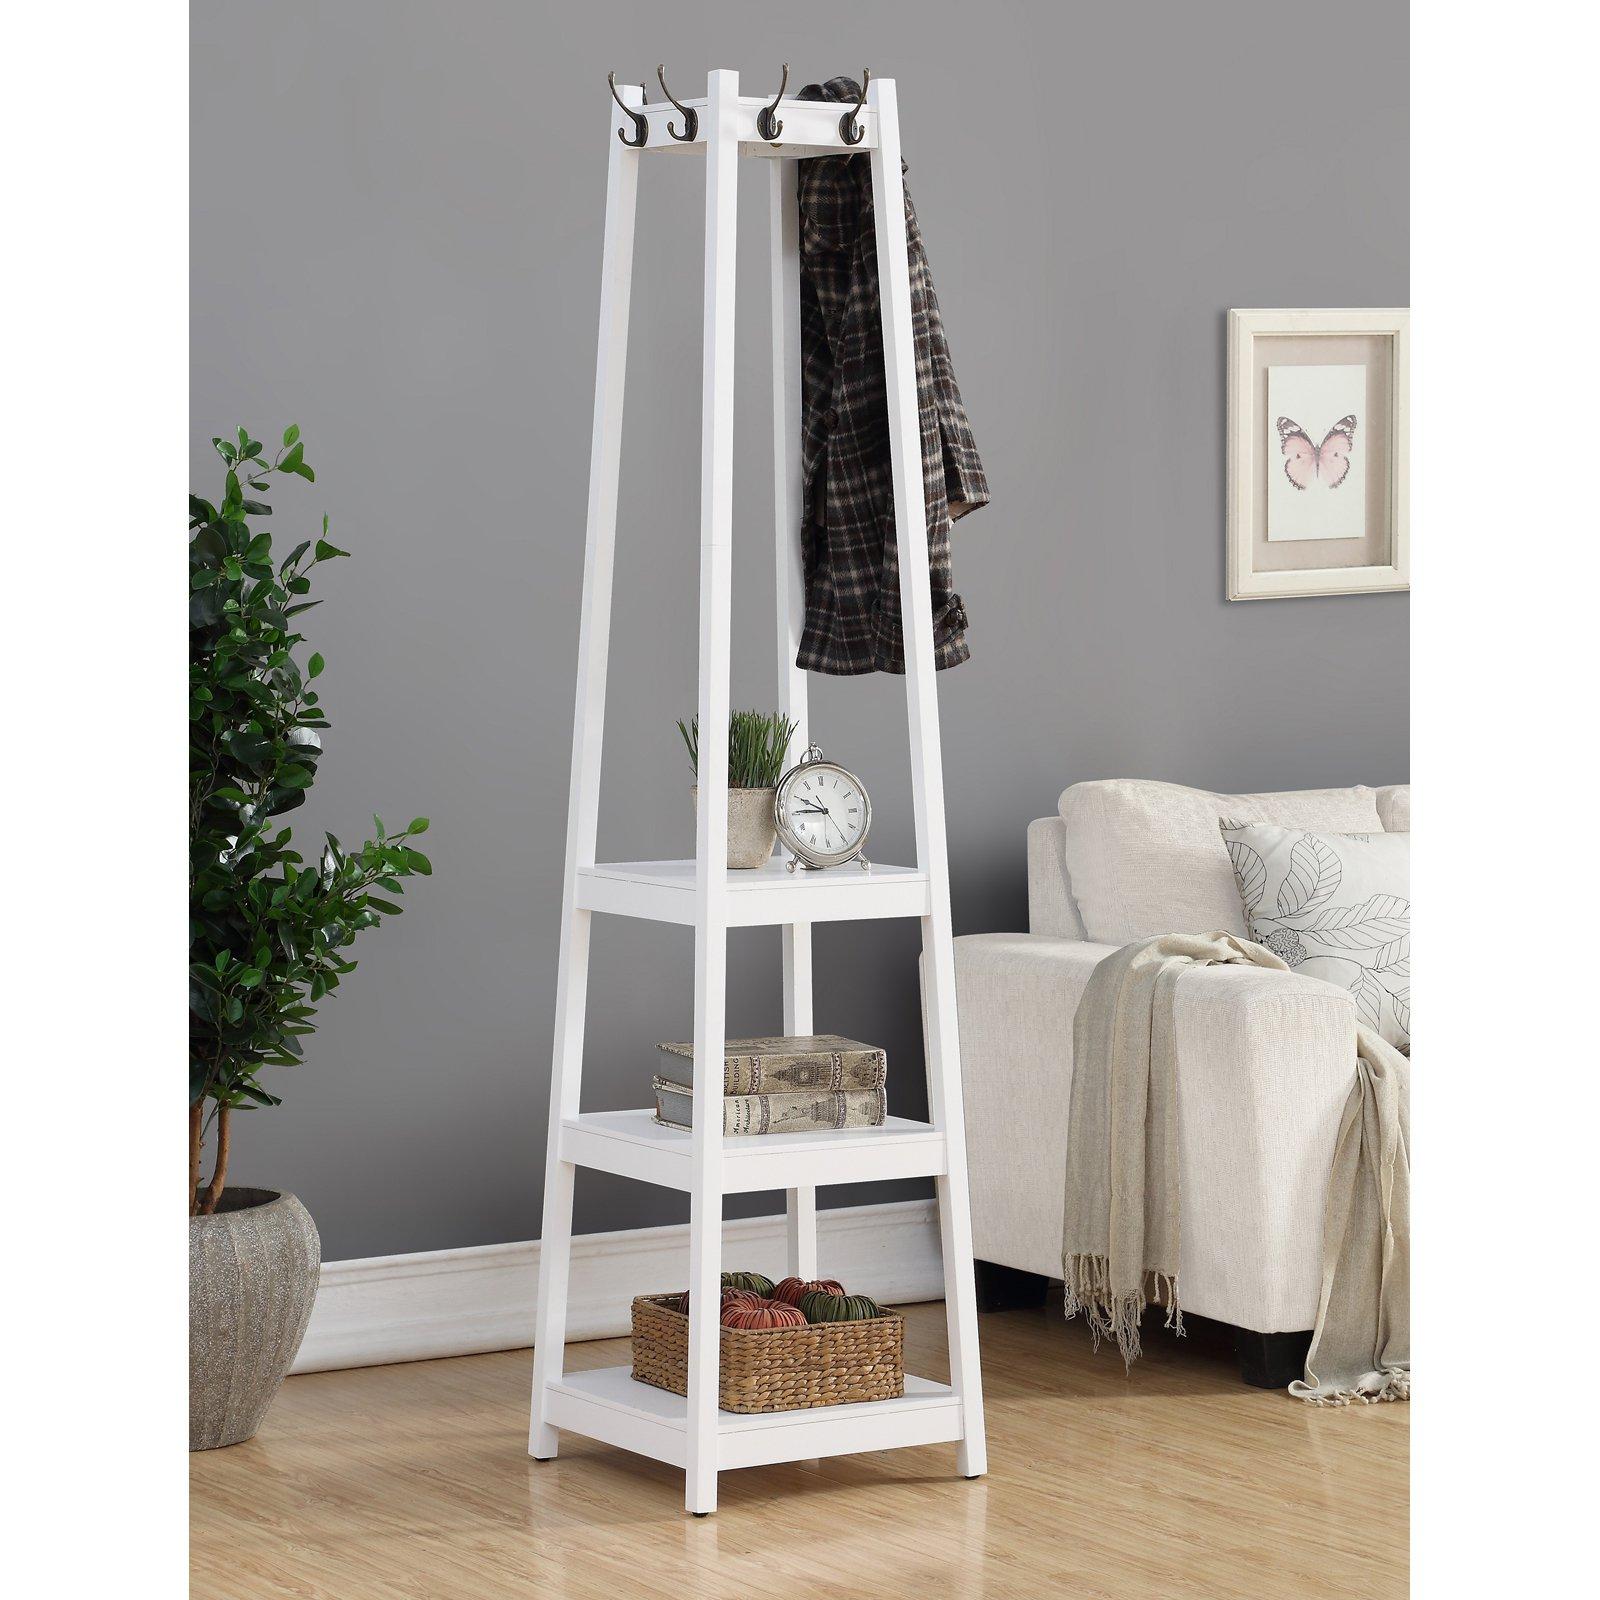 Roundhill Furniture Vassen 3-Tier Storage Shelve Coat Rack